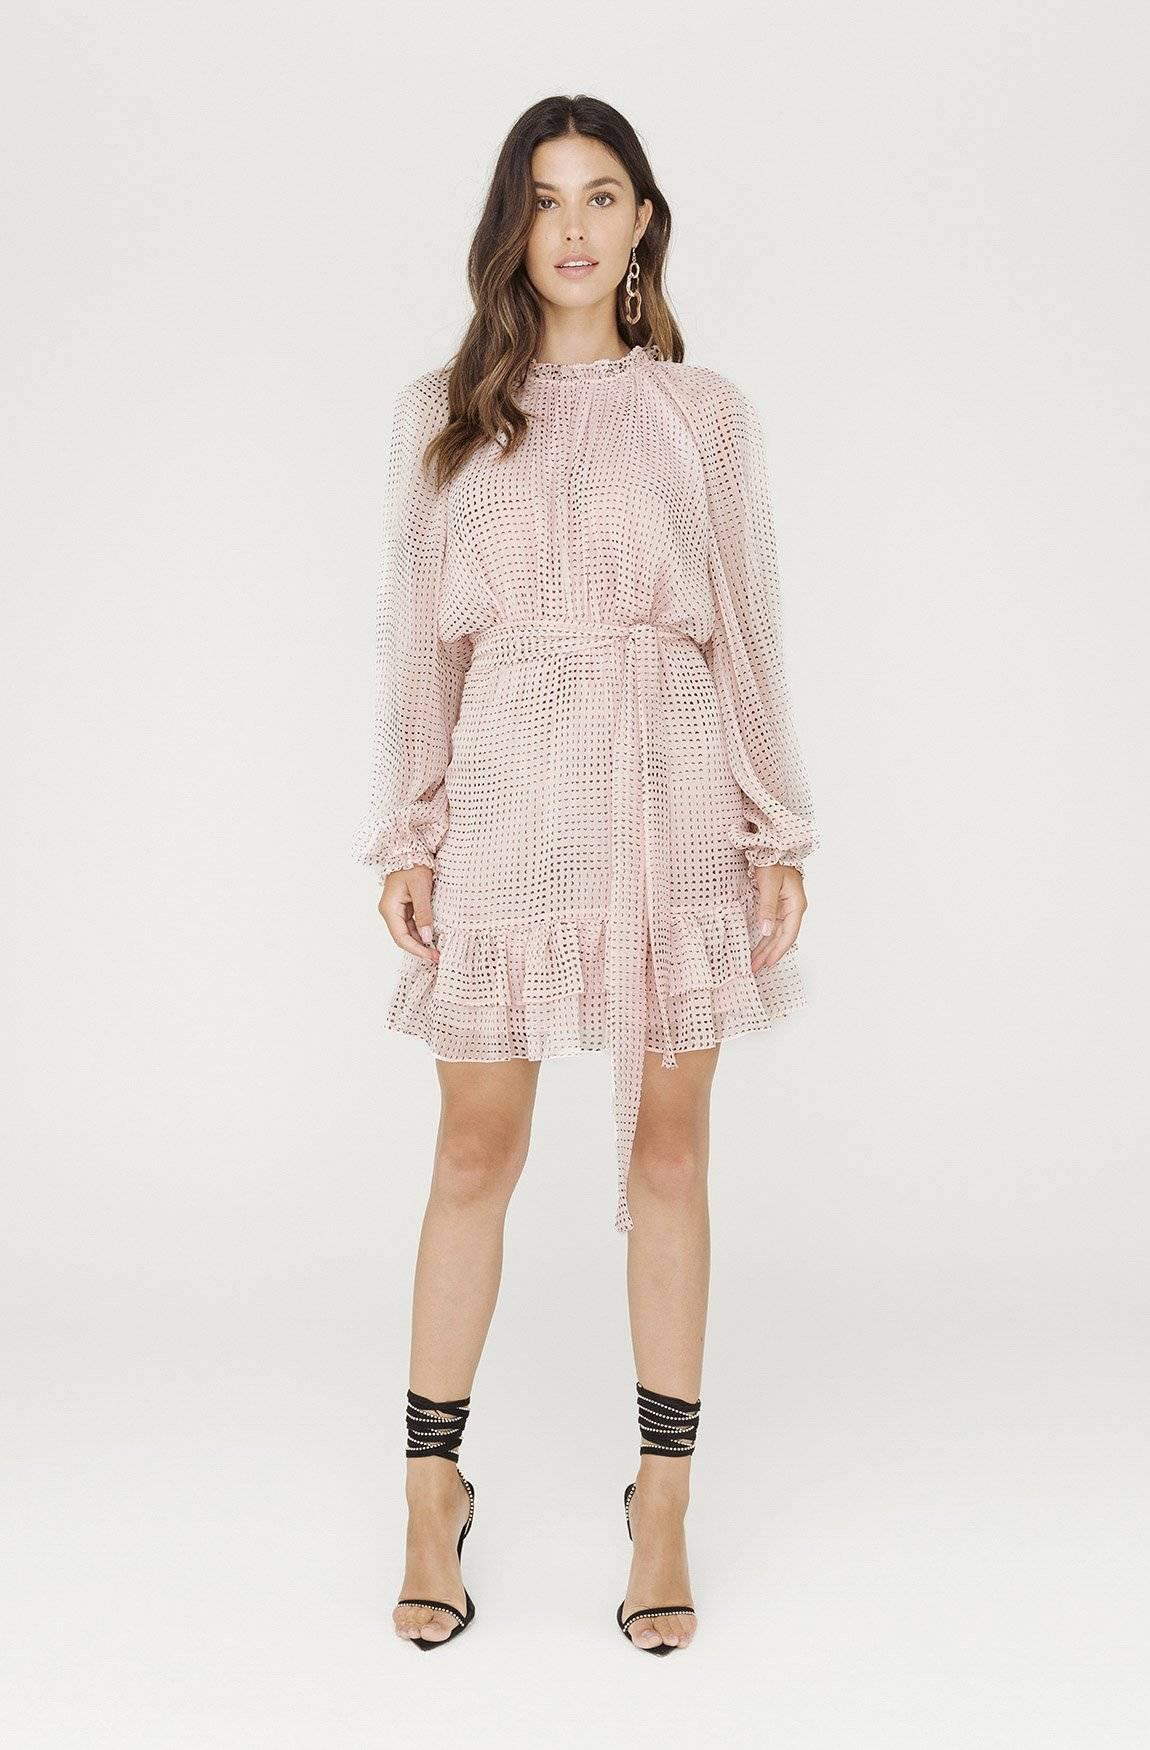 SHEIKE-Blush-Moonlight-Dress-Mini-Dresses